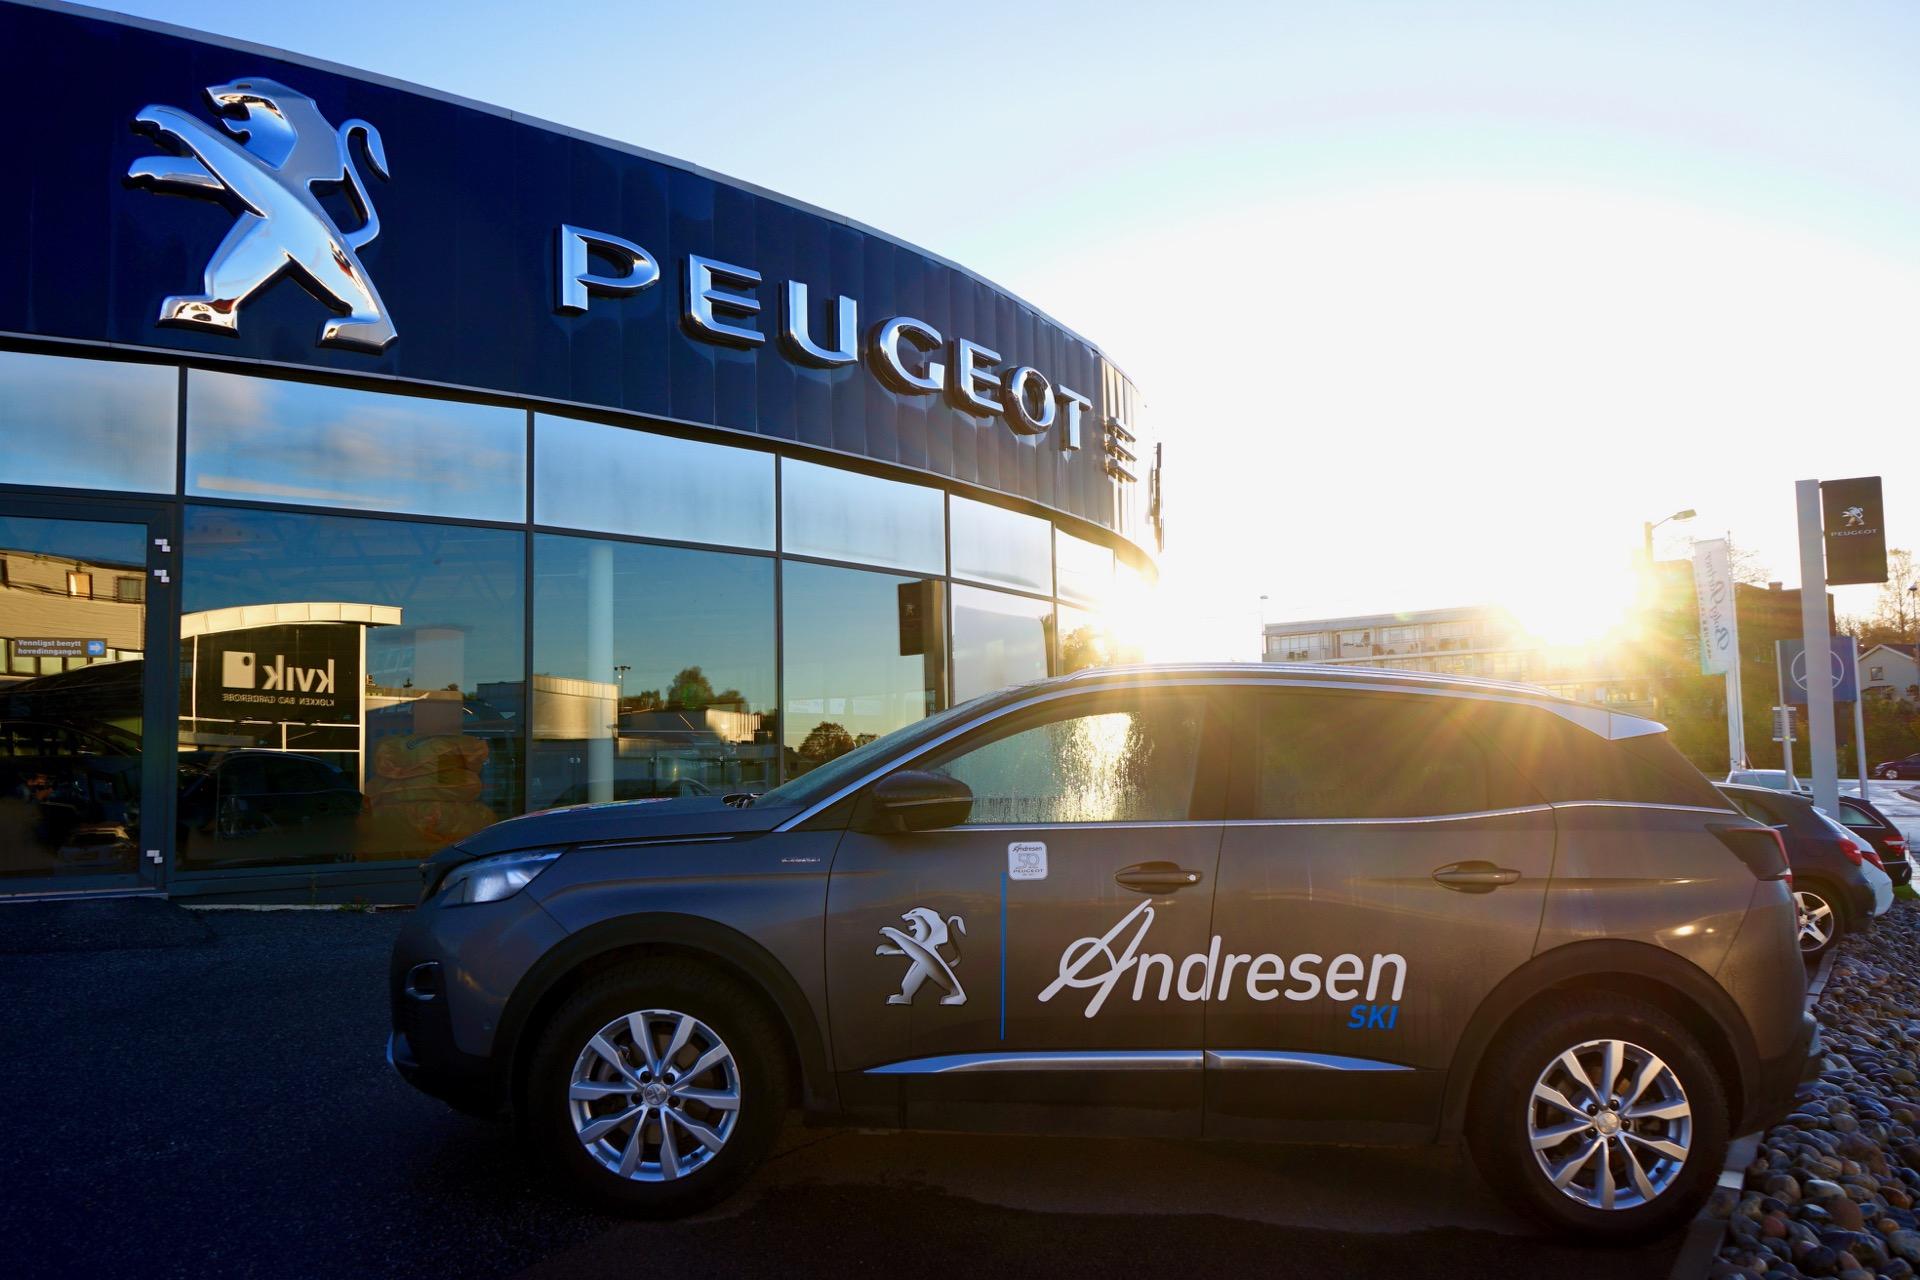 Andresen Ski - Peugeot